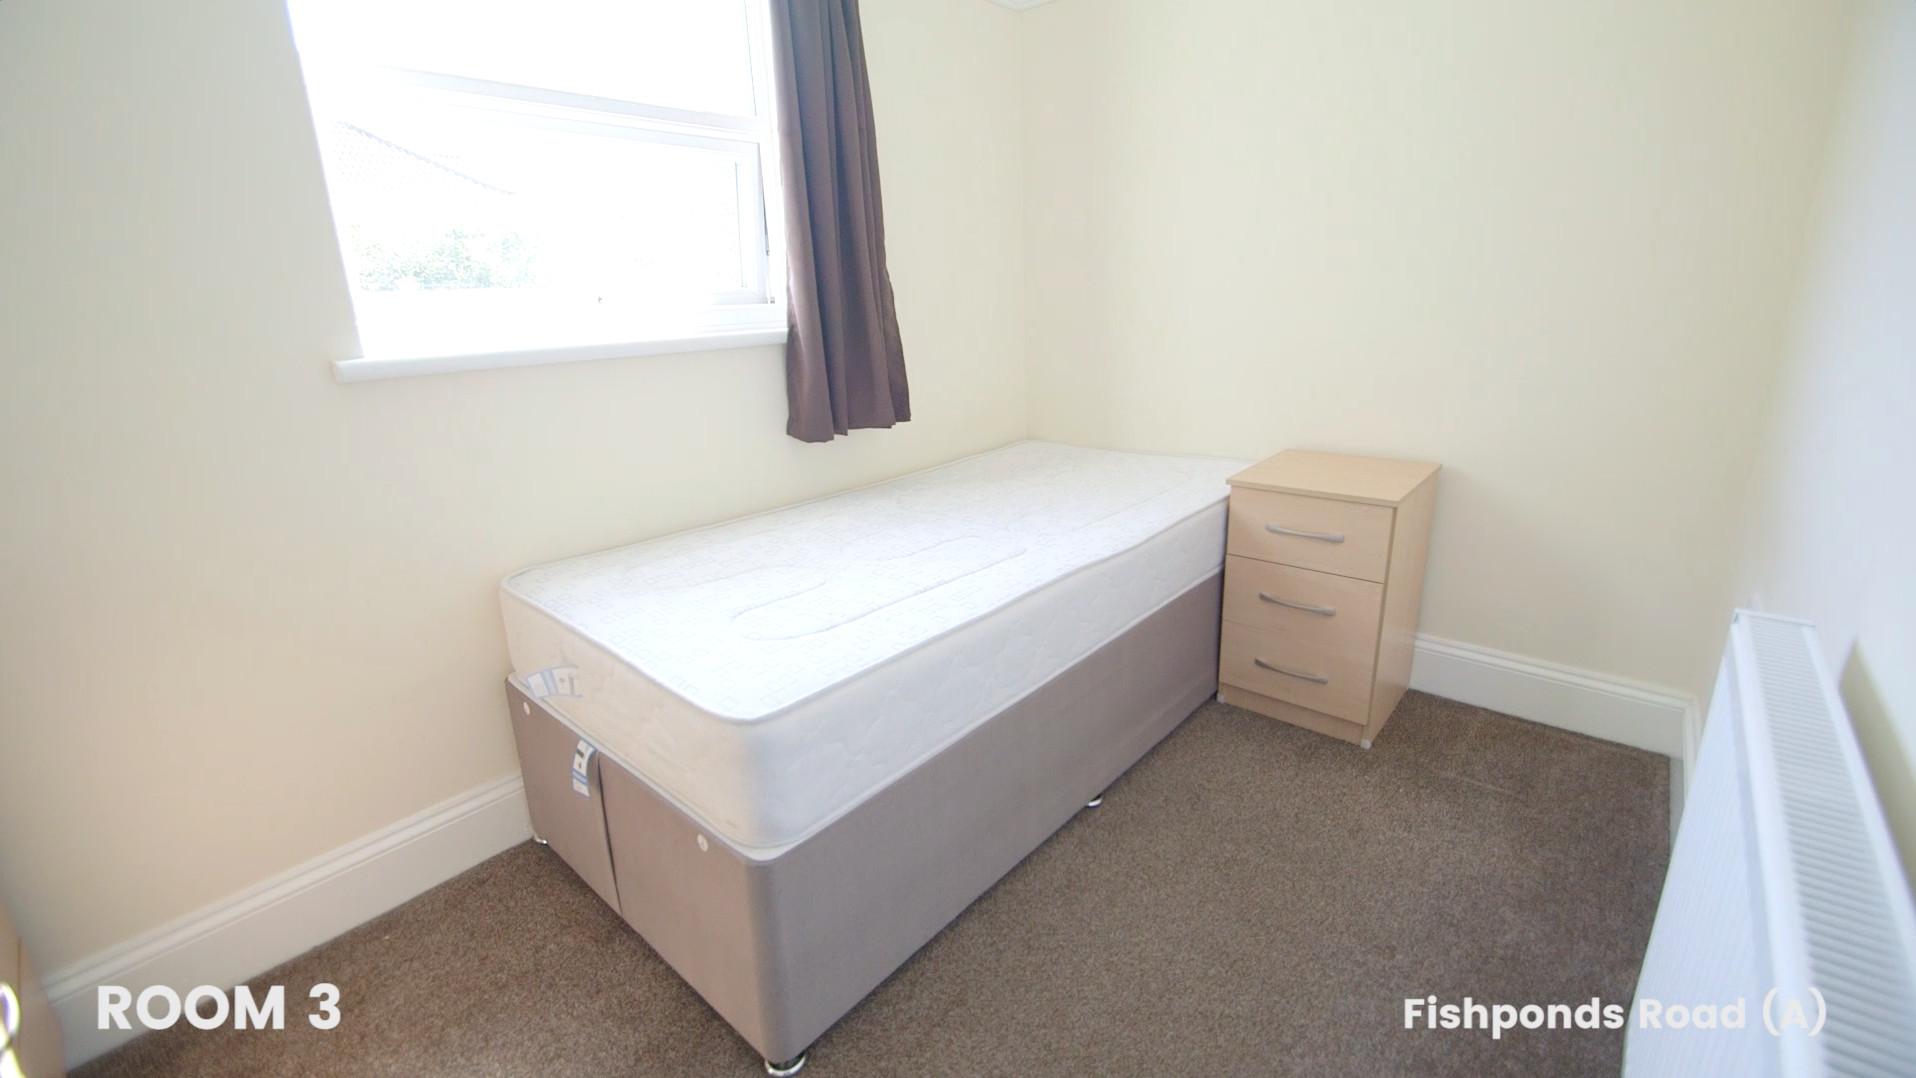 496 Fishponds Rd, Bristol BS16 3DT, UK